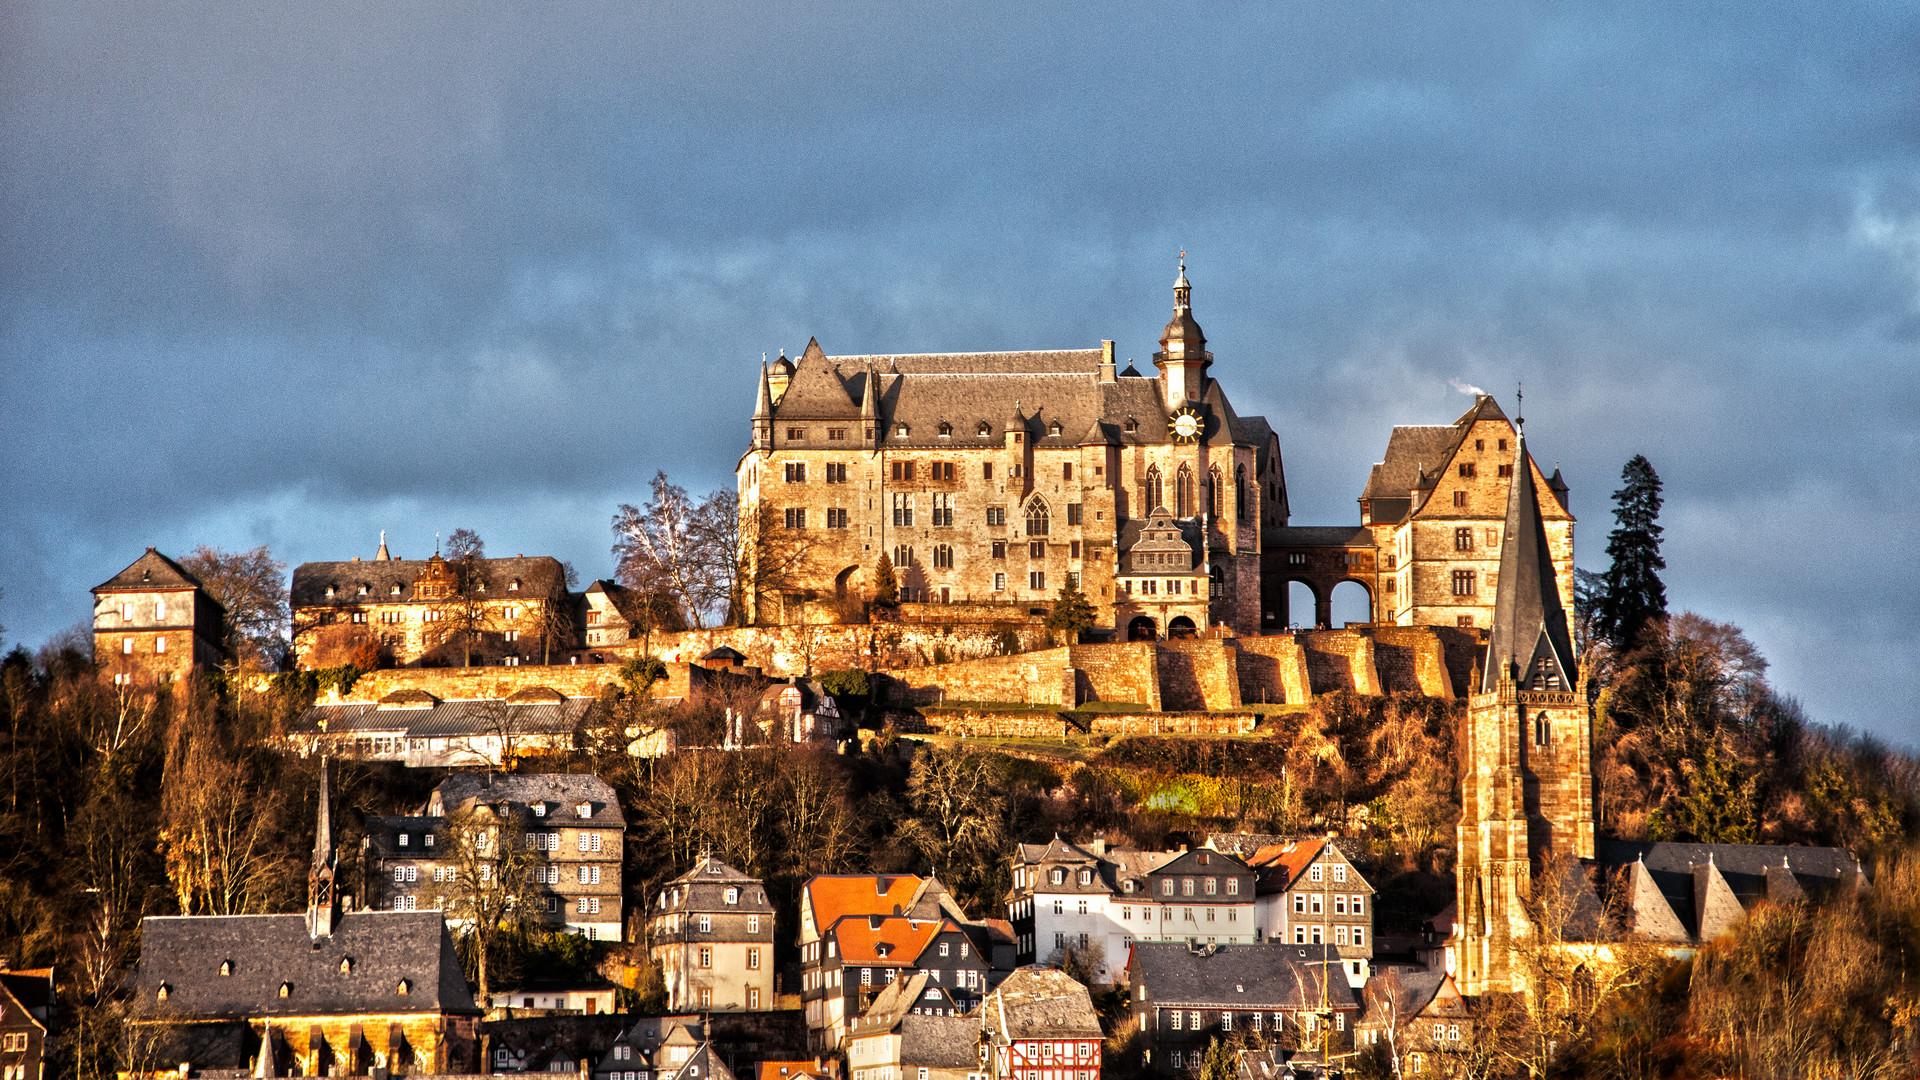 Landgrafenschloß_Marburg